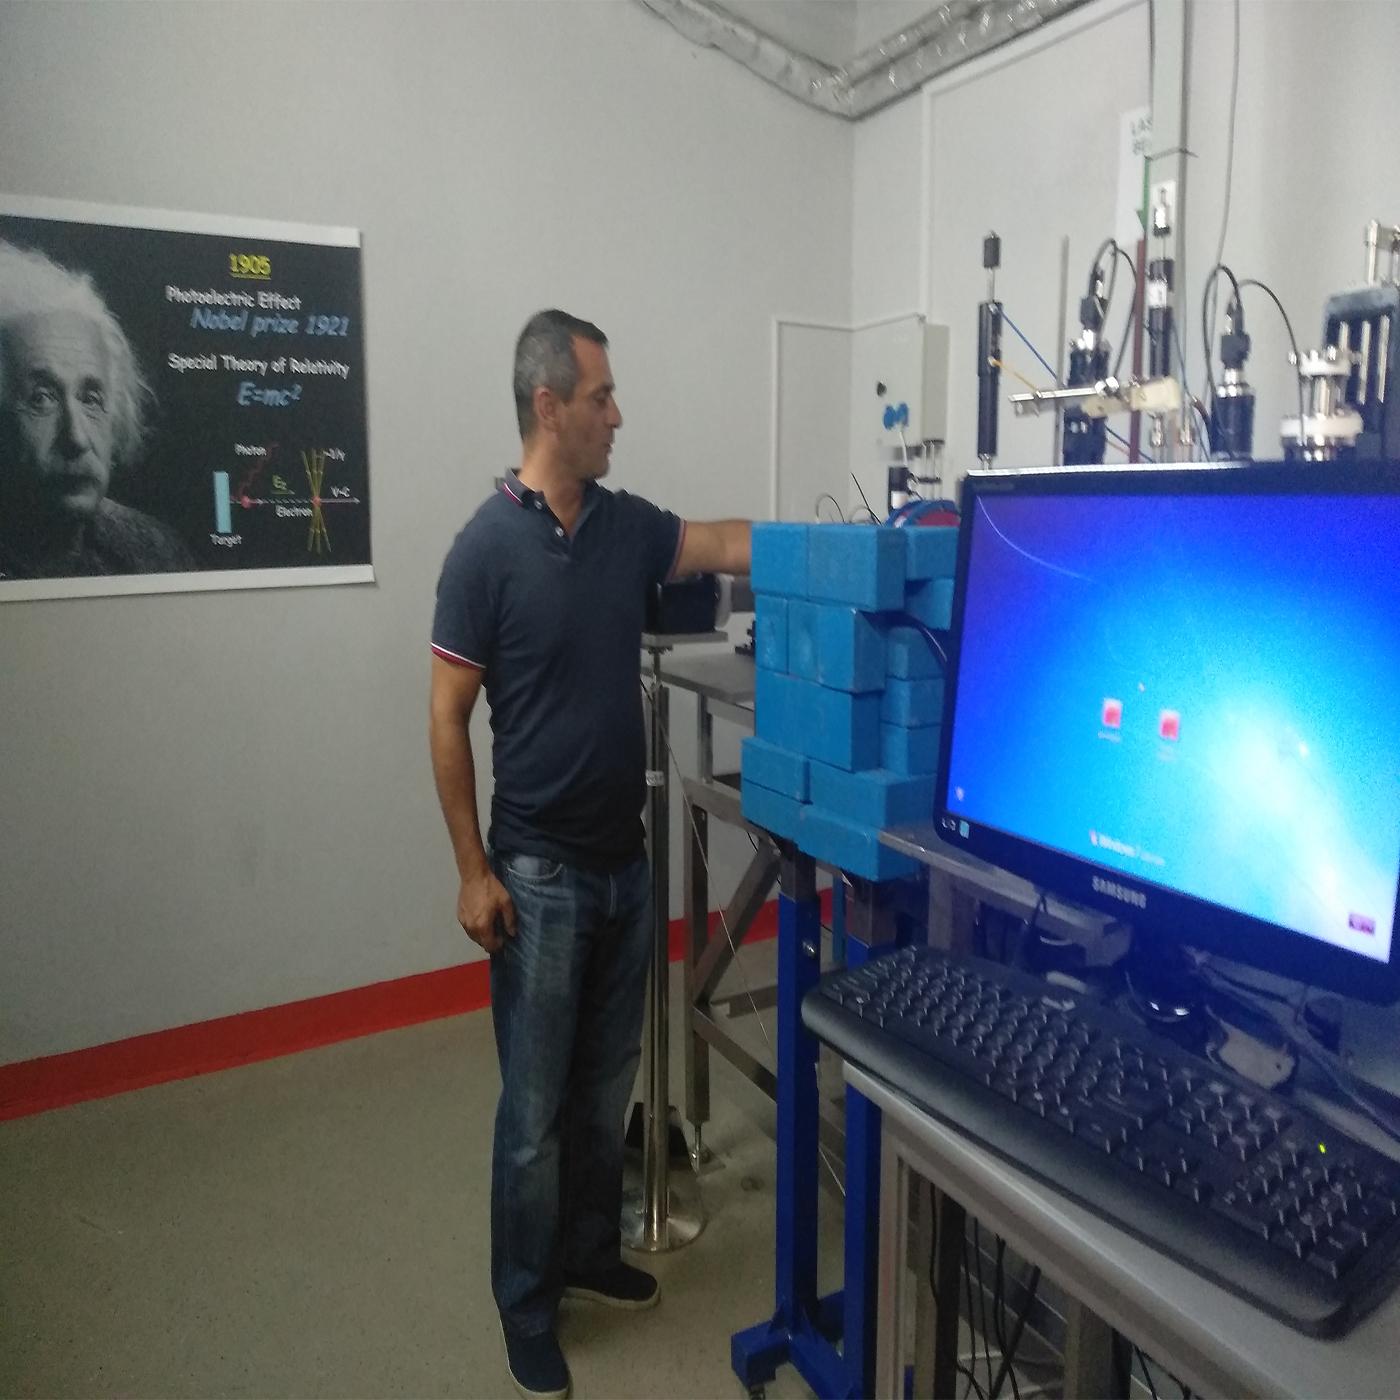 Հայ գիտնականների նոր հայտնագործությունները՝ քաղցկեղի բուժման ուղղությամբ